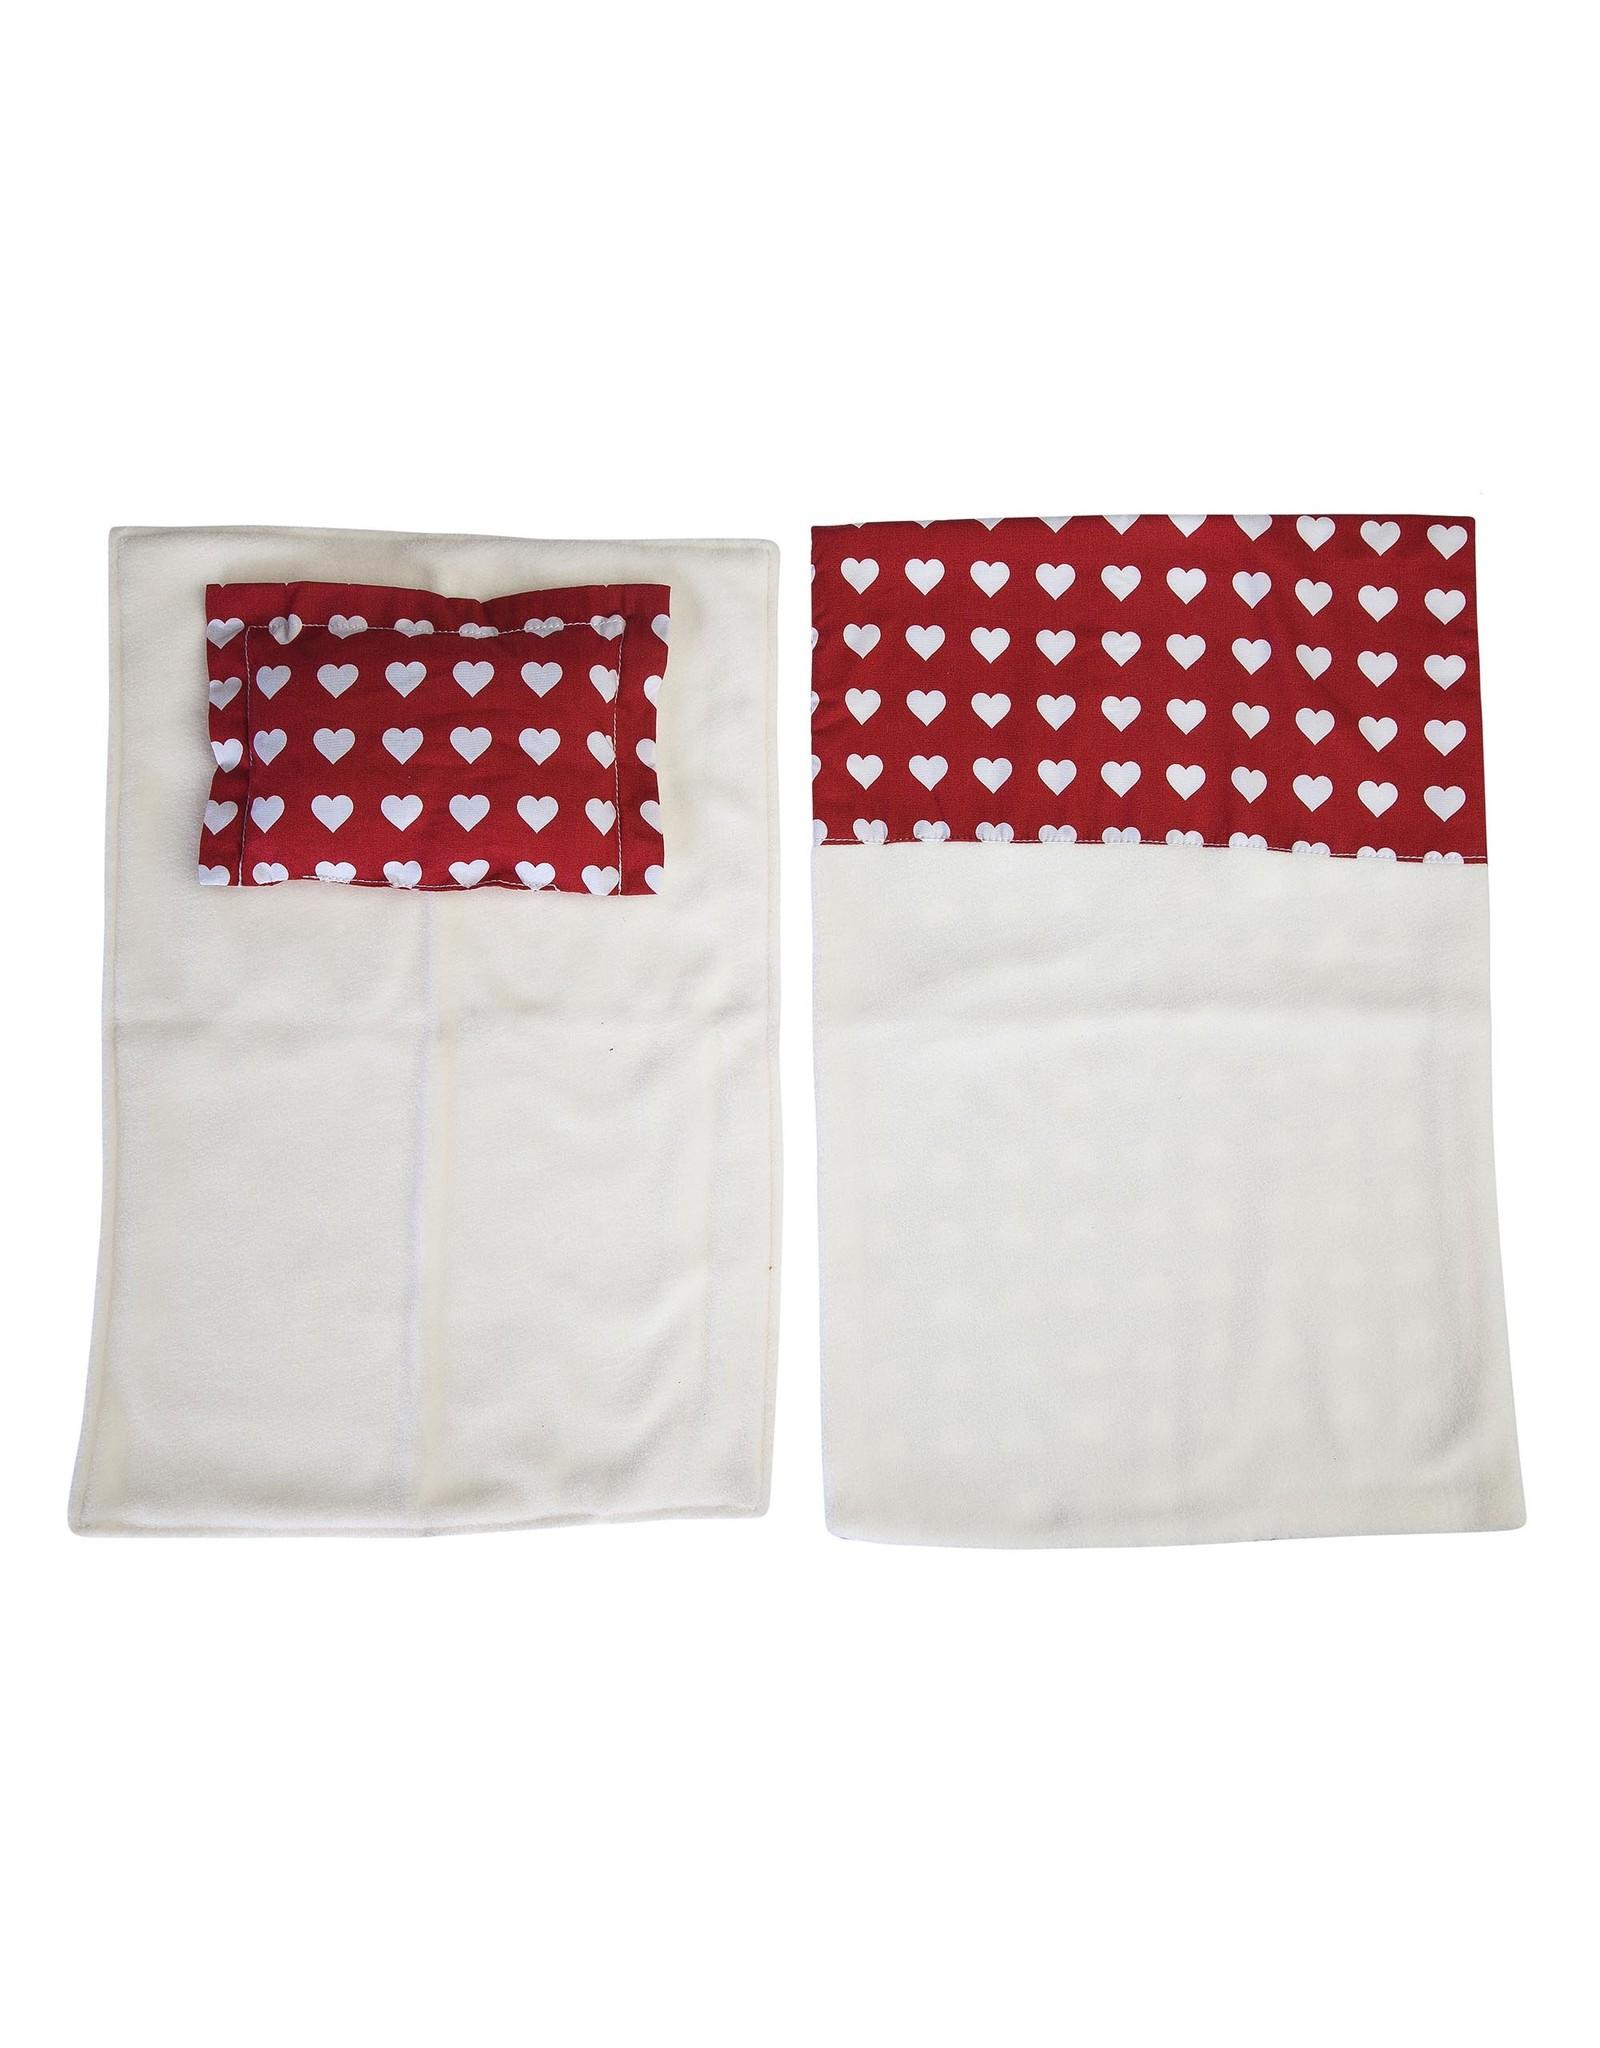 Moover Moover Dolls Pram Bedding - Red